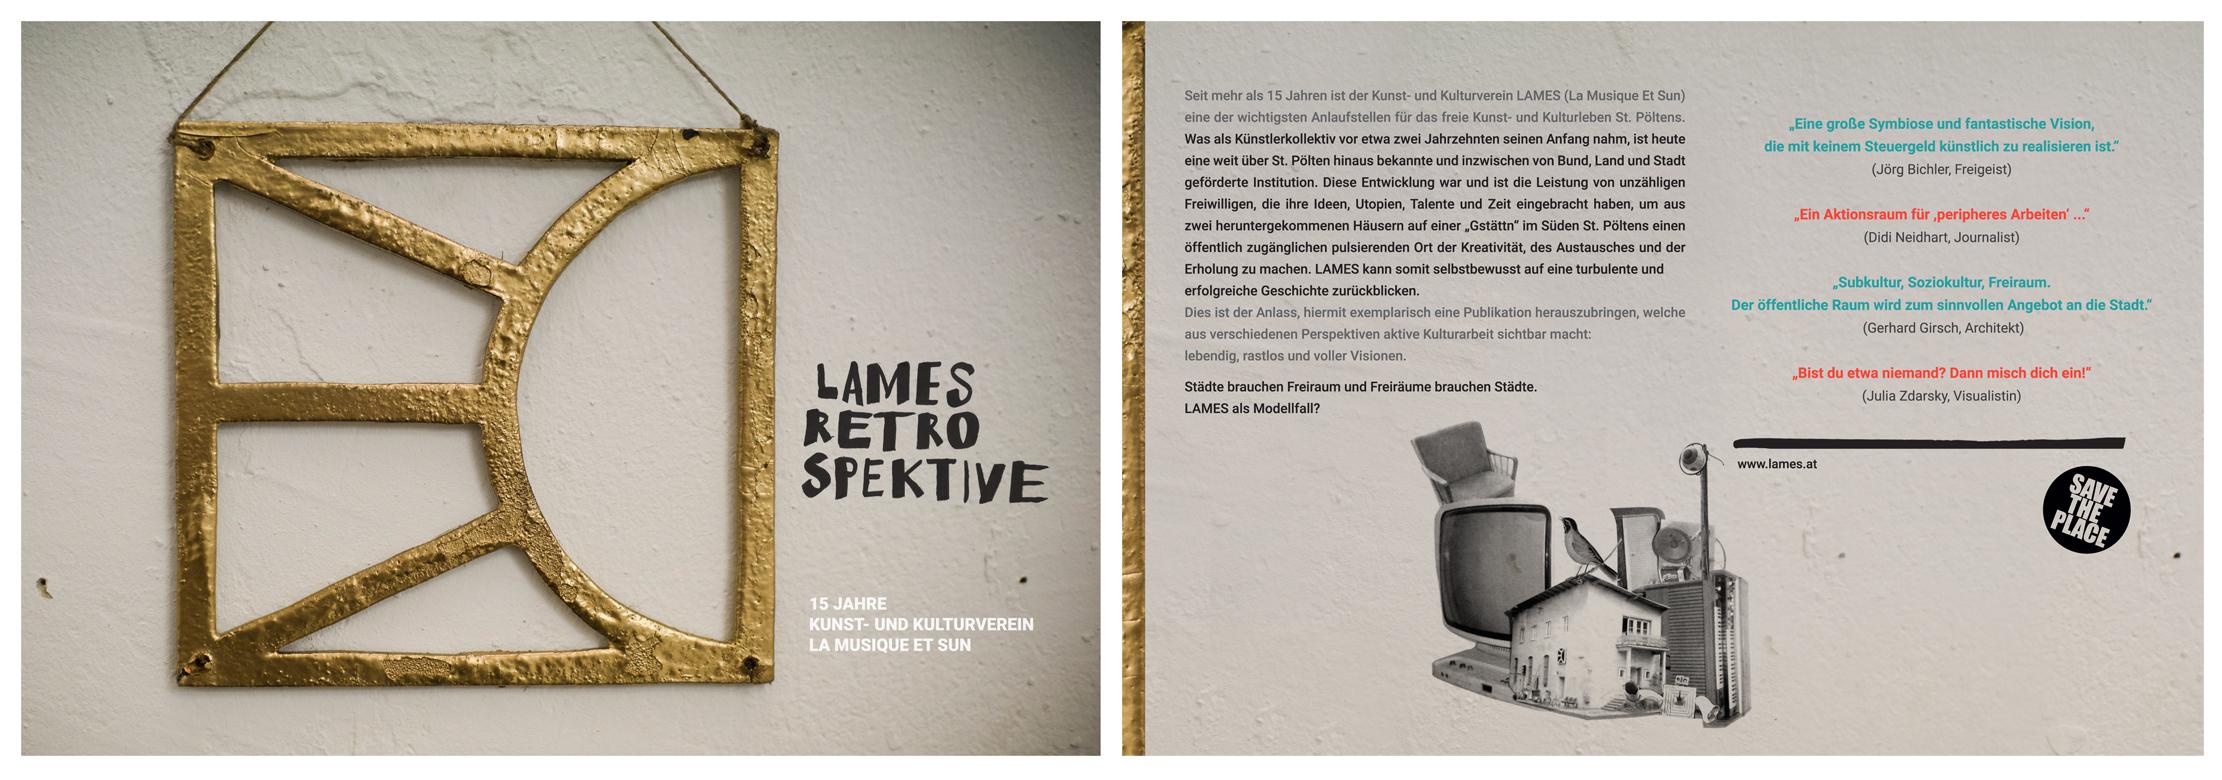 lames_retrospektive_ansicht